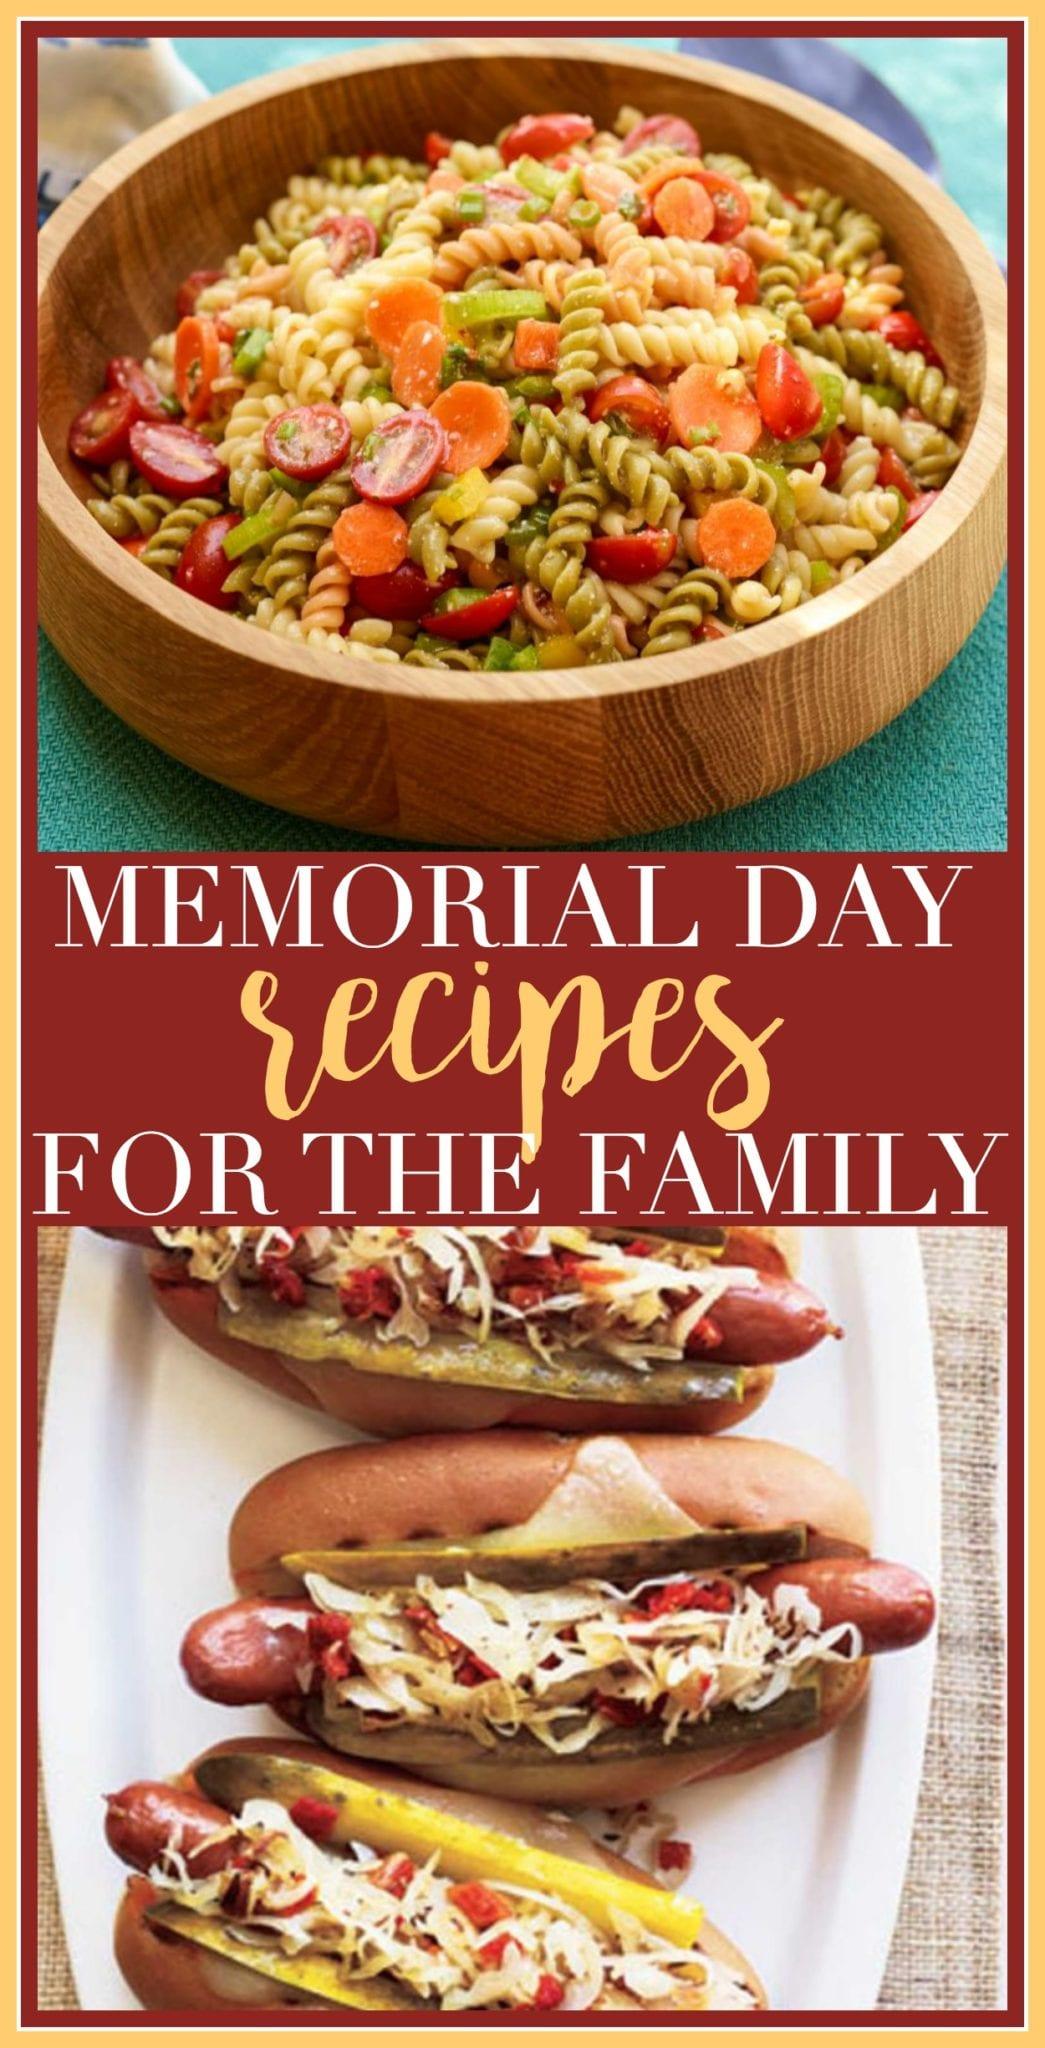 memorial day recipes, memorial day drinks, memorial day games